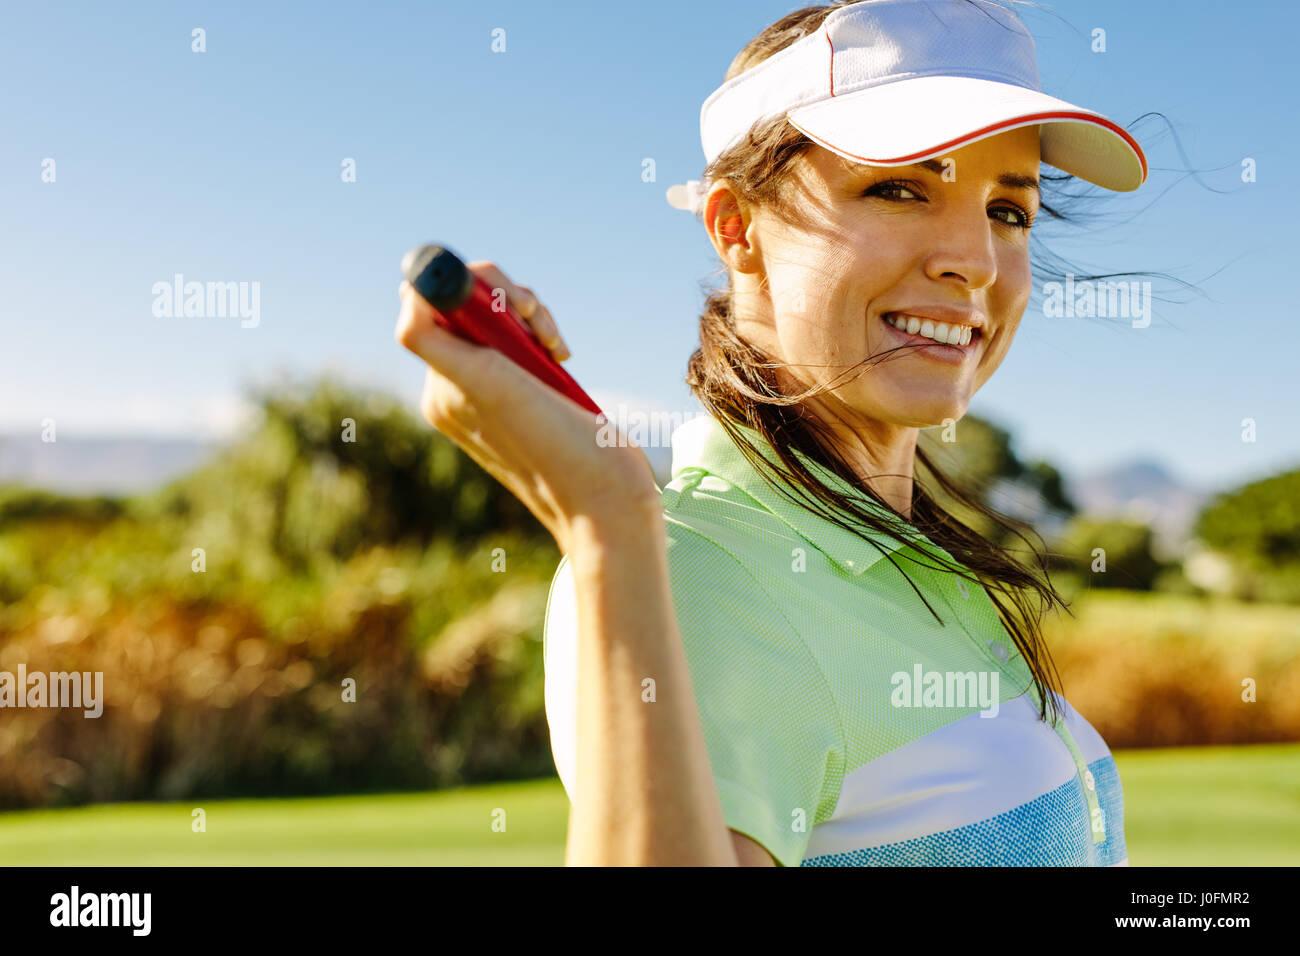 Porträt von glücklich Golfspielerin Feld Golfclub festhalten hautnah. Schöne junge Frau auf dem Golfplatz Stockbild